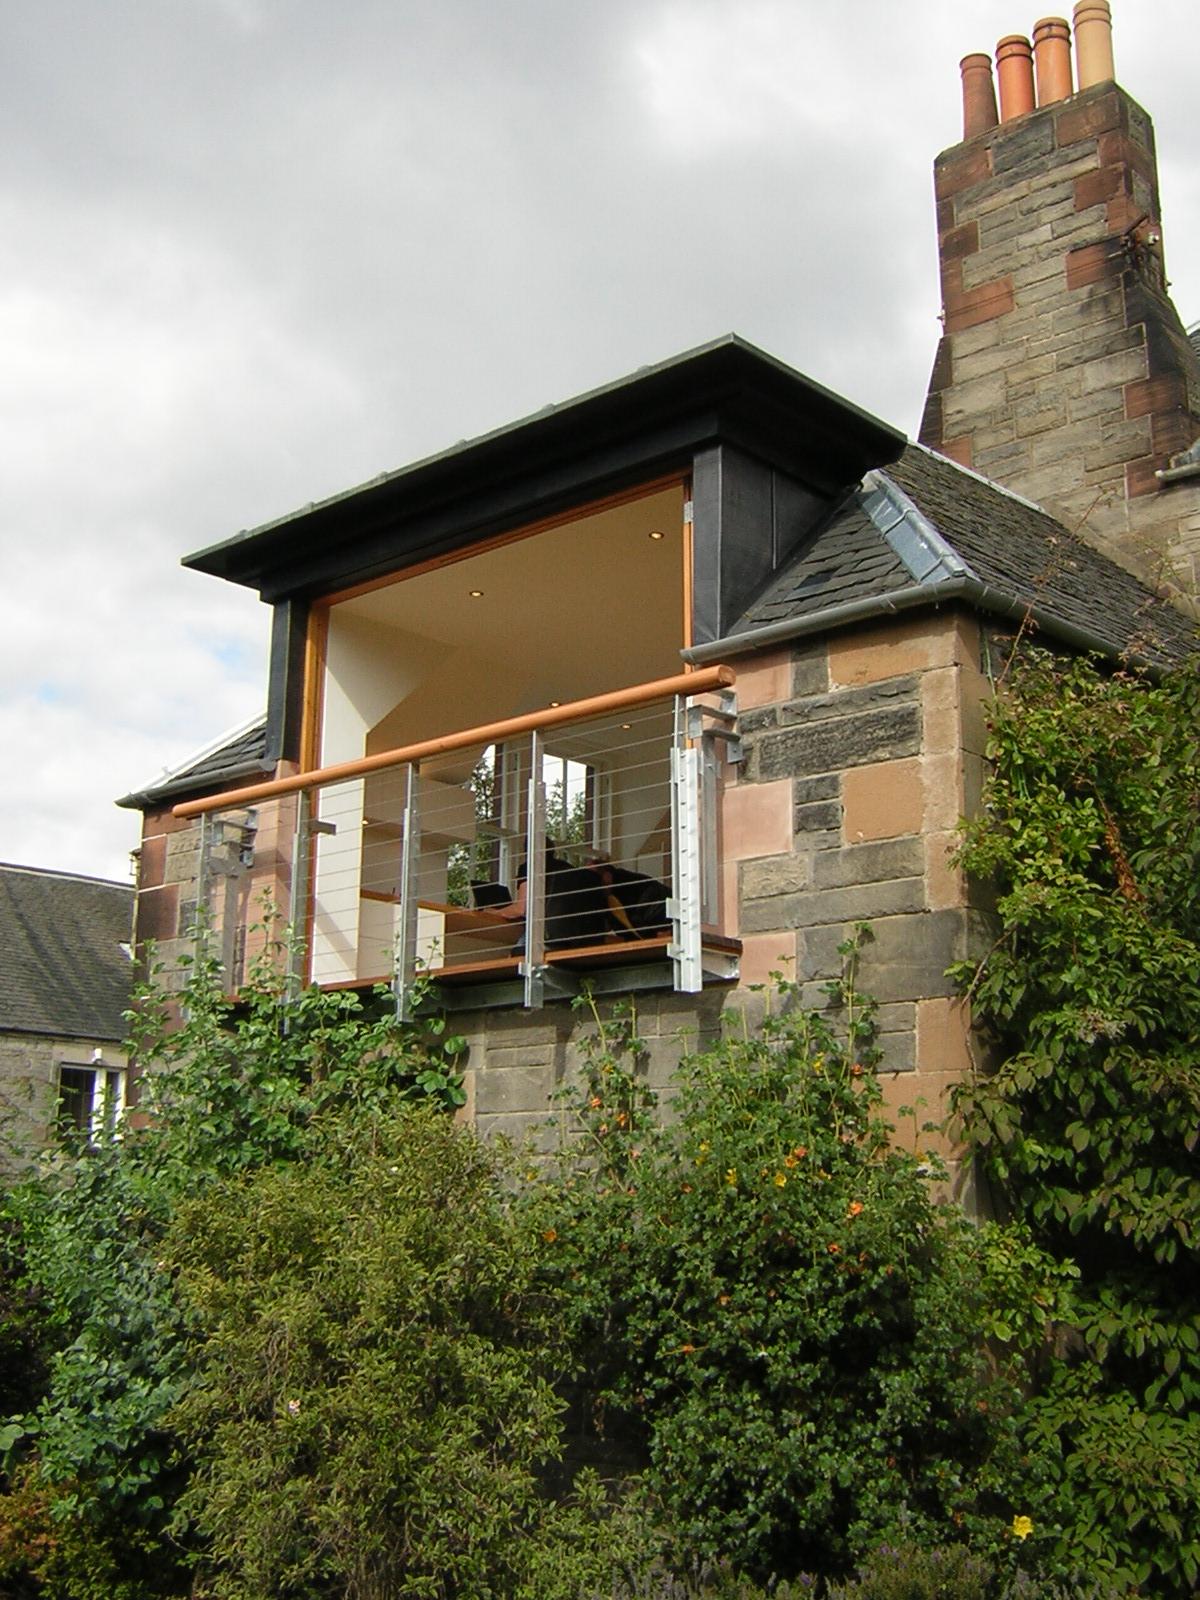 inverleith house 3.JPG